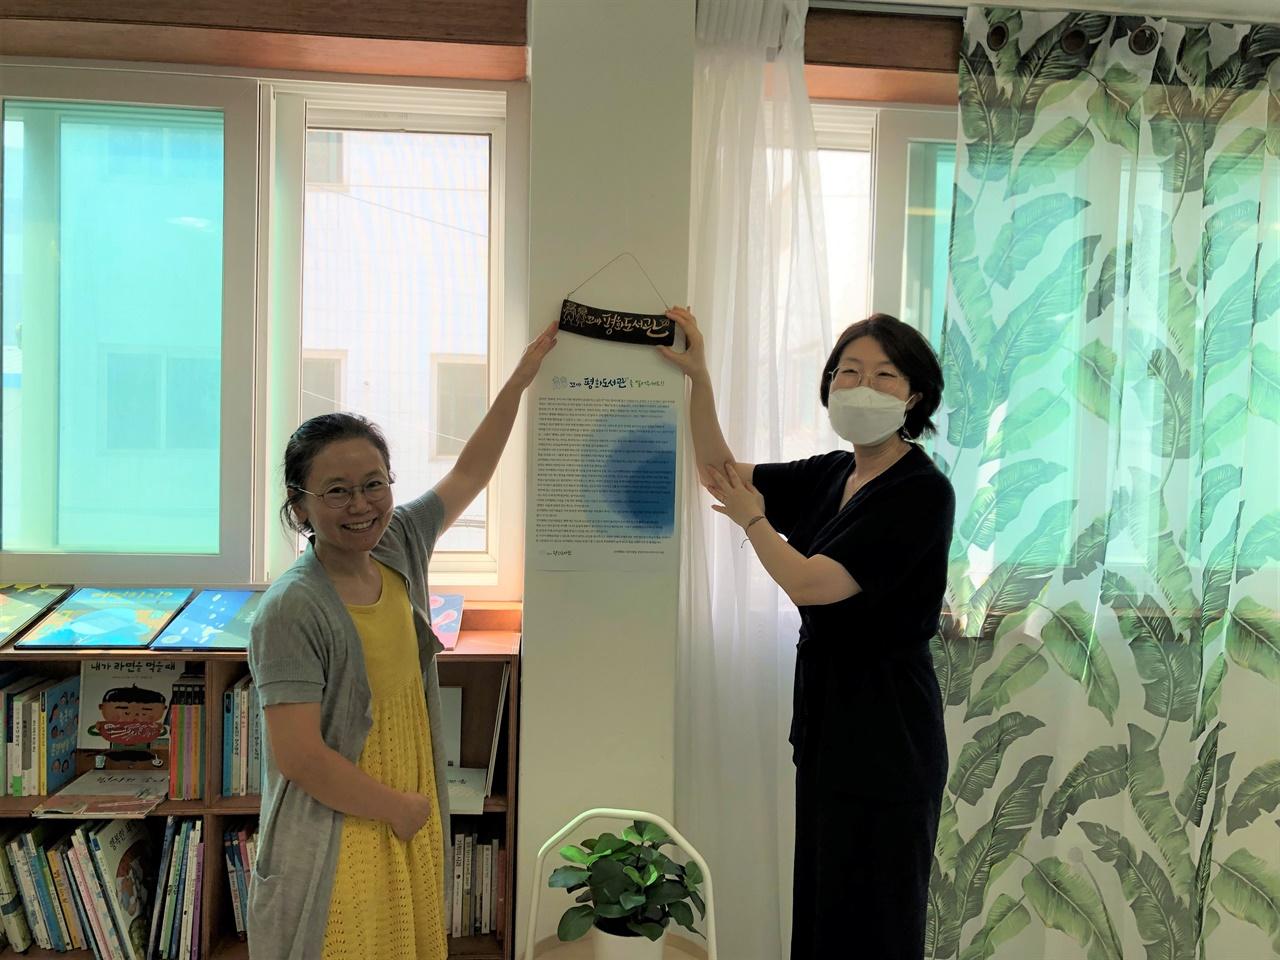 휴향지 꼬마평화도서관 이름패 달기. (왼쪽부터 이금영 관장, 유지혜 관장)